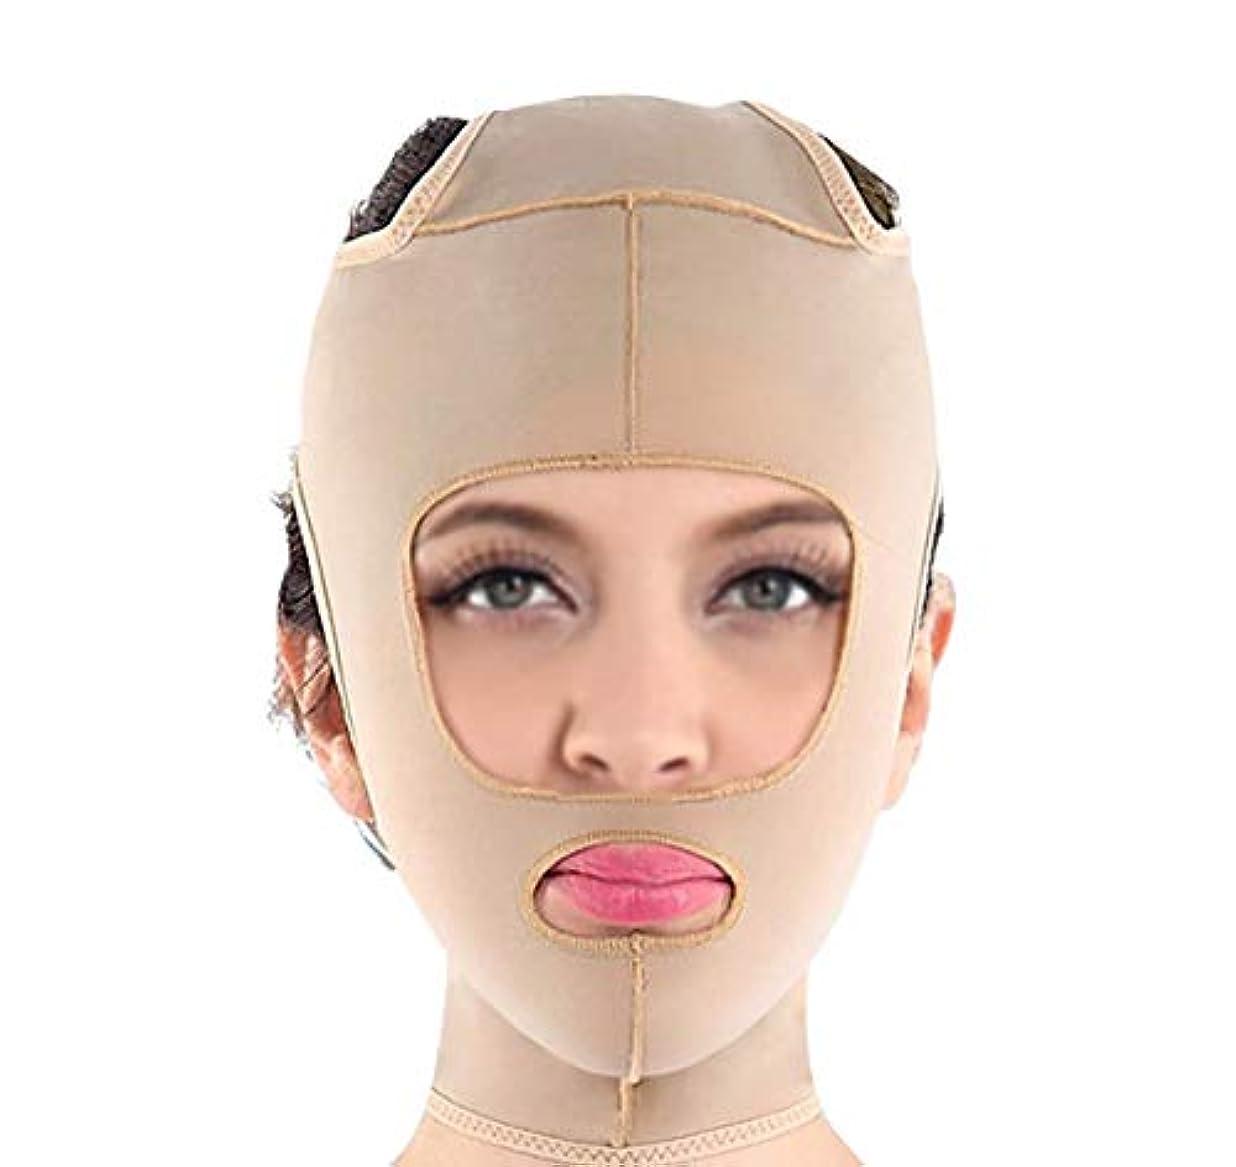 実験抗生物質ターゲット包帯vフェイス楽器フェイスマスクマジックフェイスフェイシャル引き締めフェイシャルマッサージフェイシャルリンクルリフティング引き締めプラスチックマスク(サイズ:Xl),S